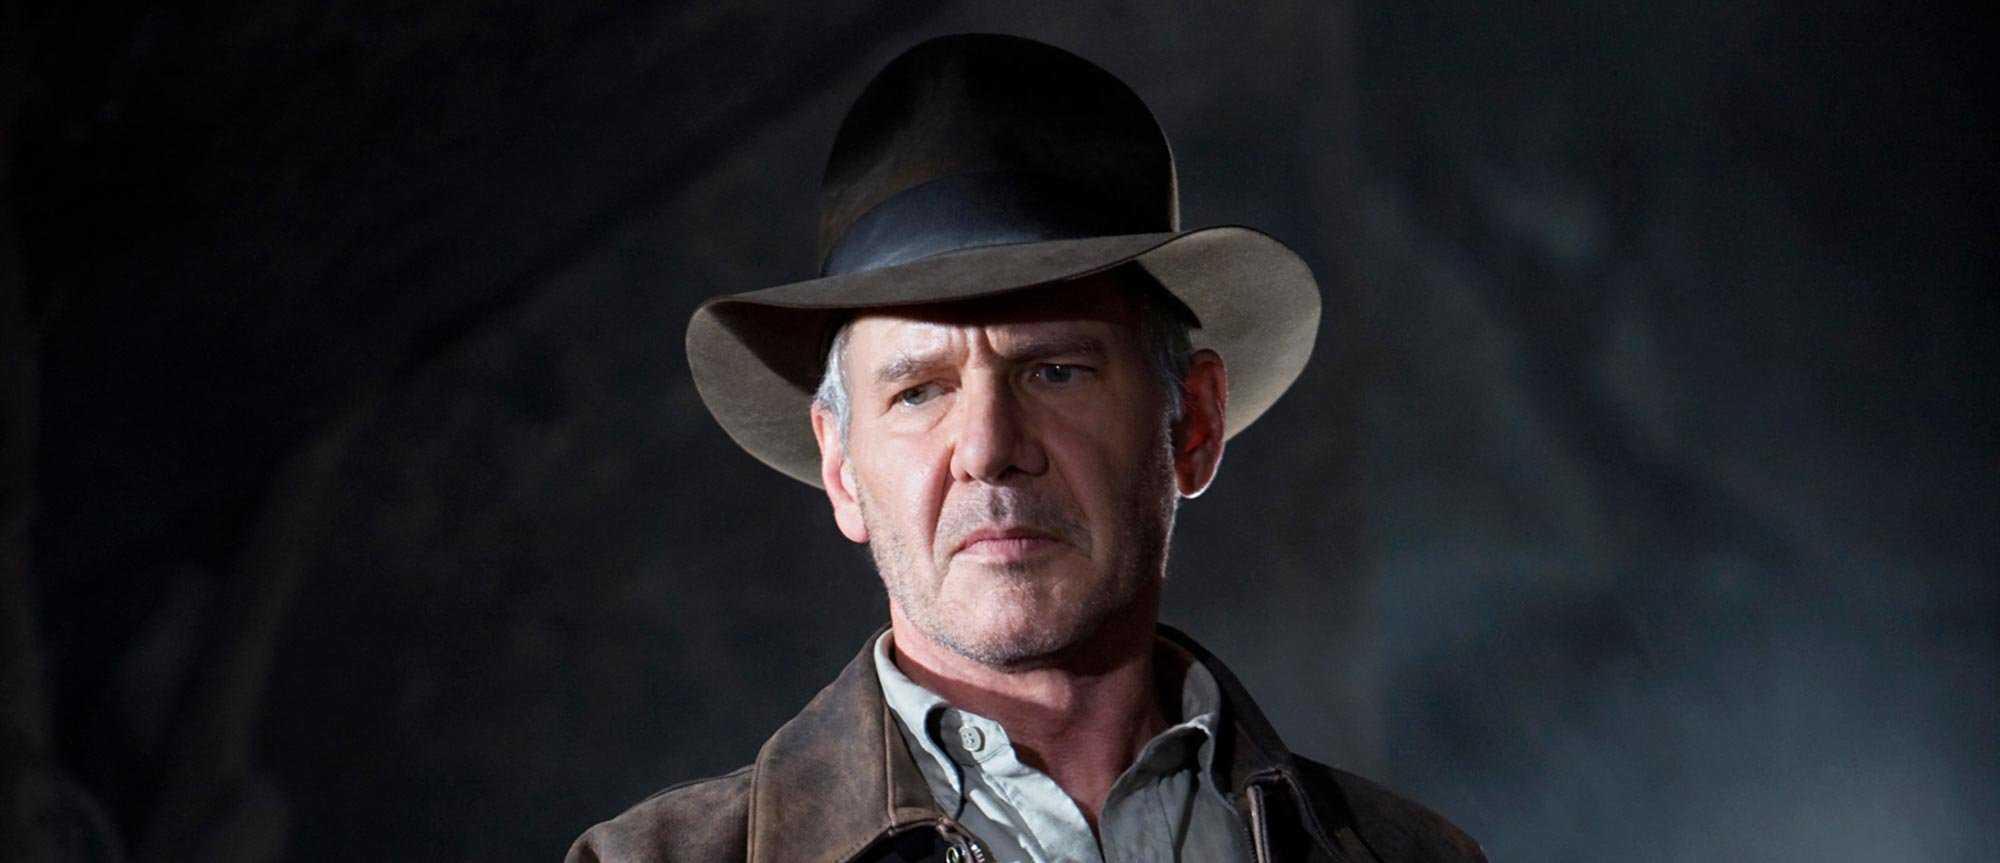 Indiana Jones 5: Harrison Ford lesionado en el set